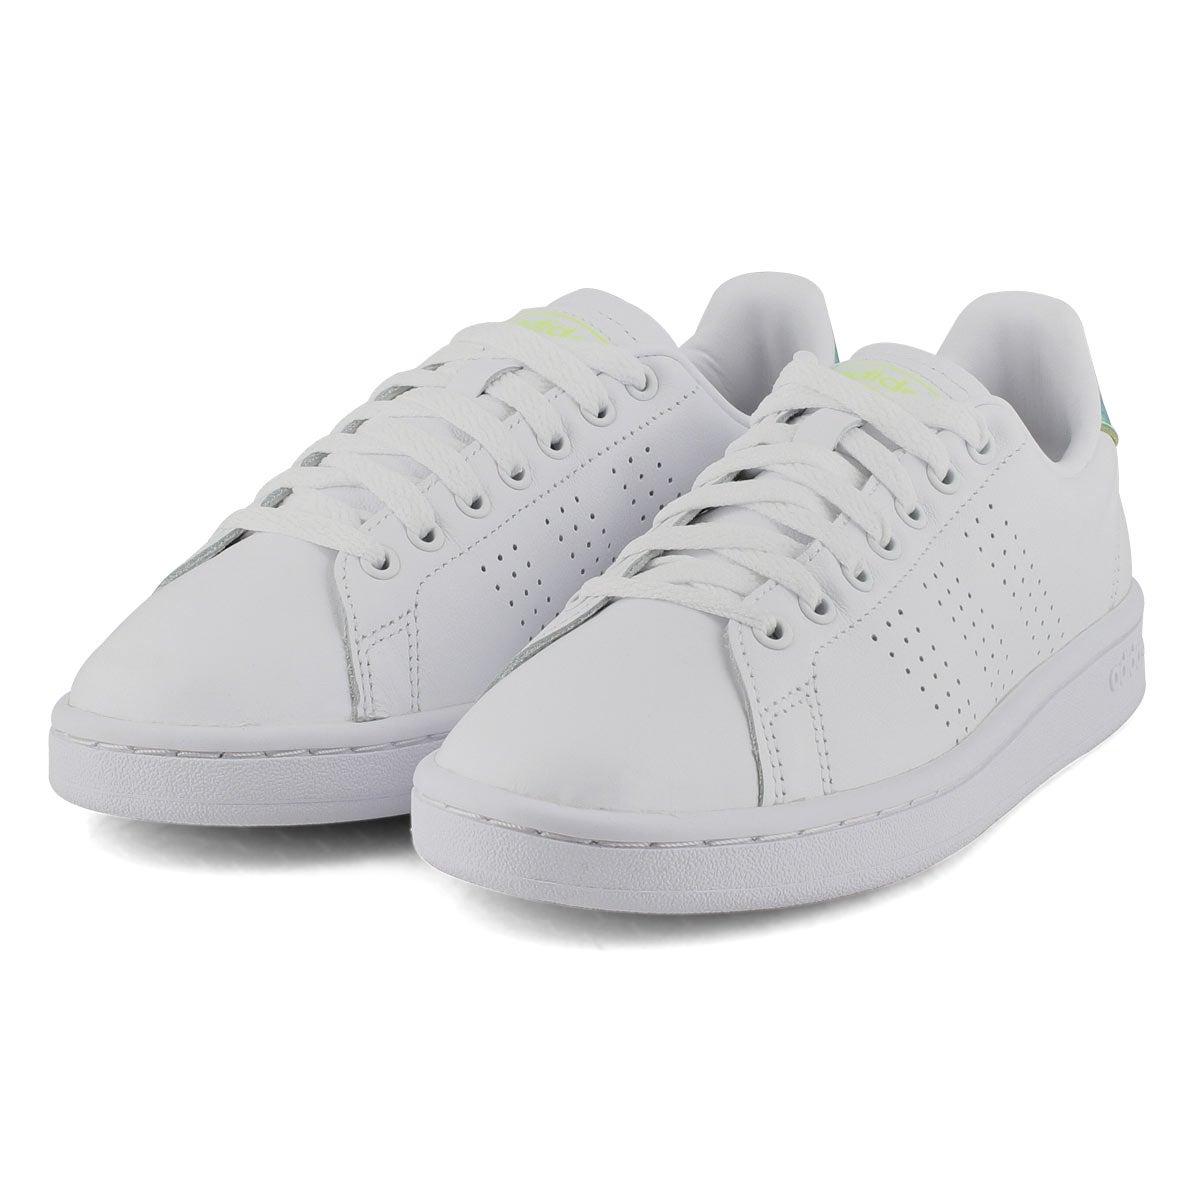 Women's Advantage Sneaker - White /Yellow